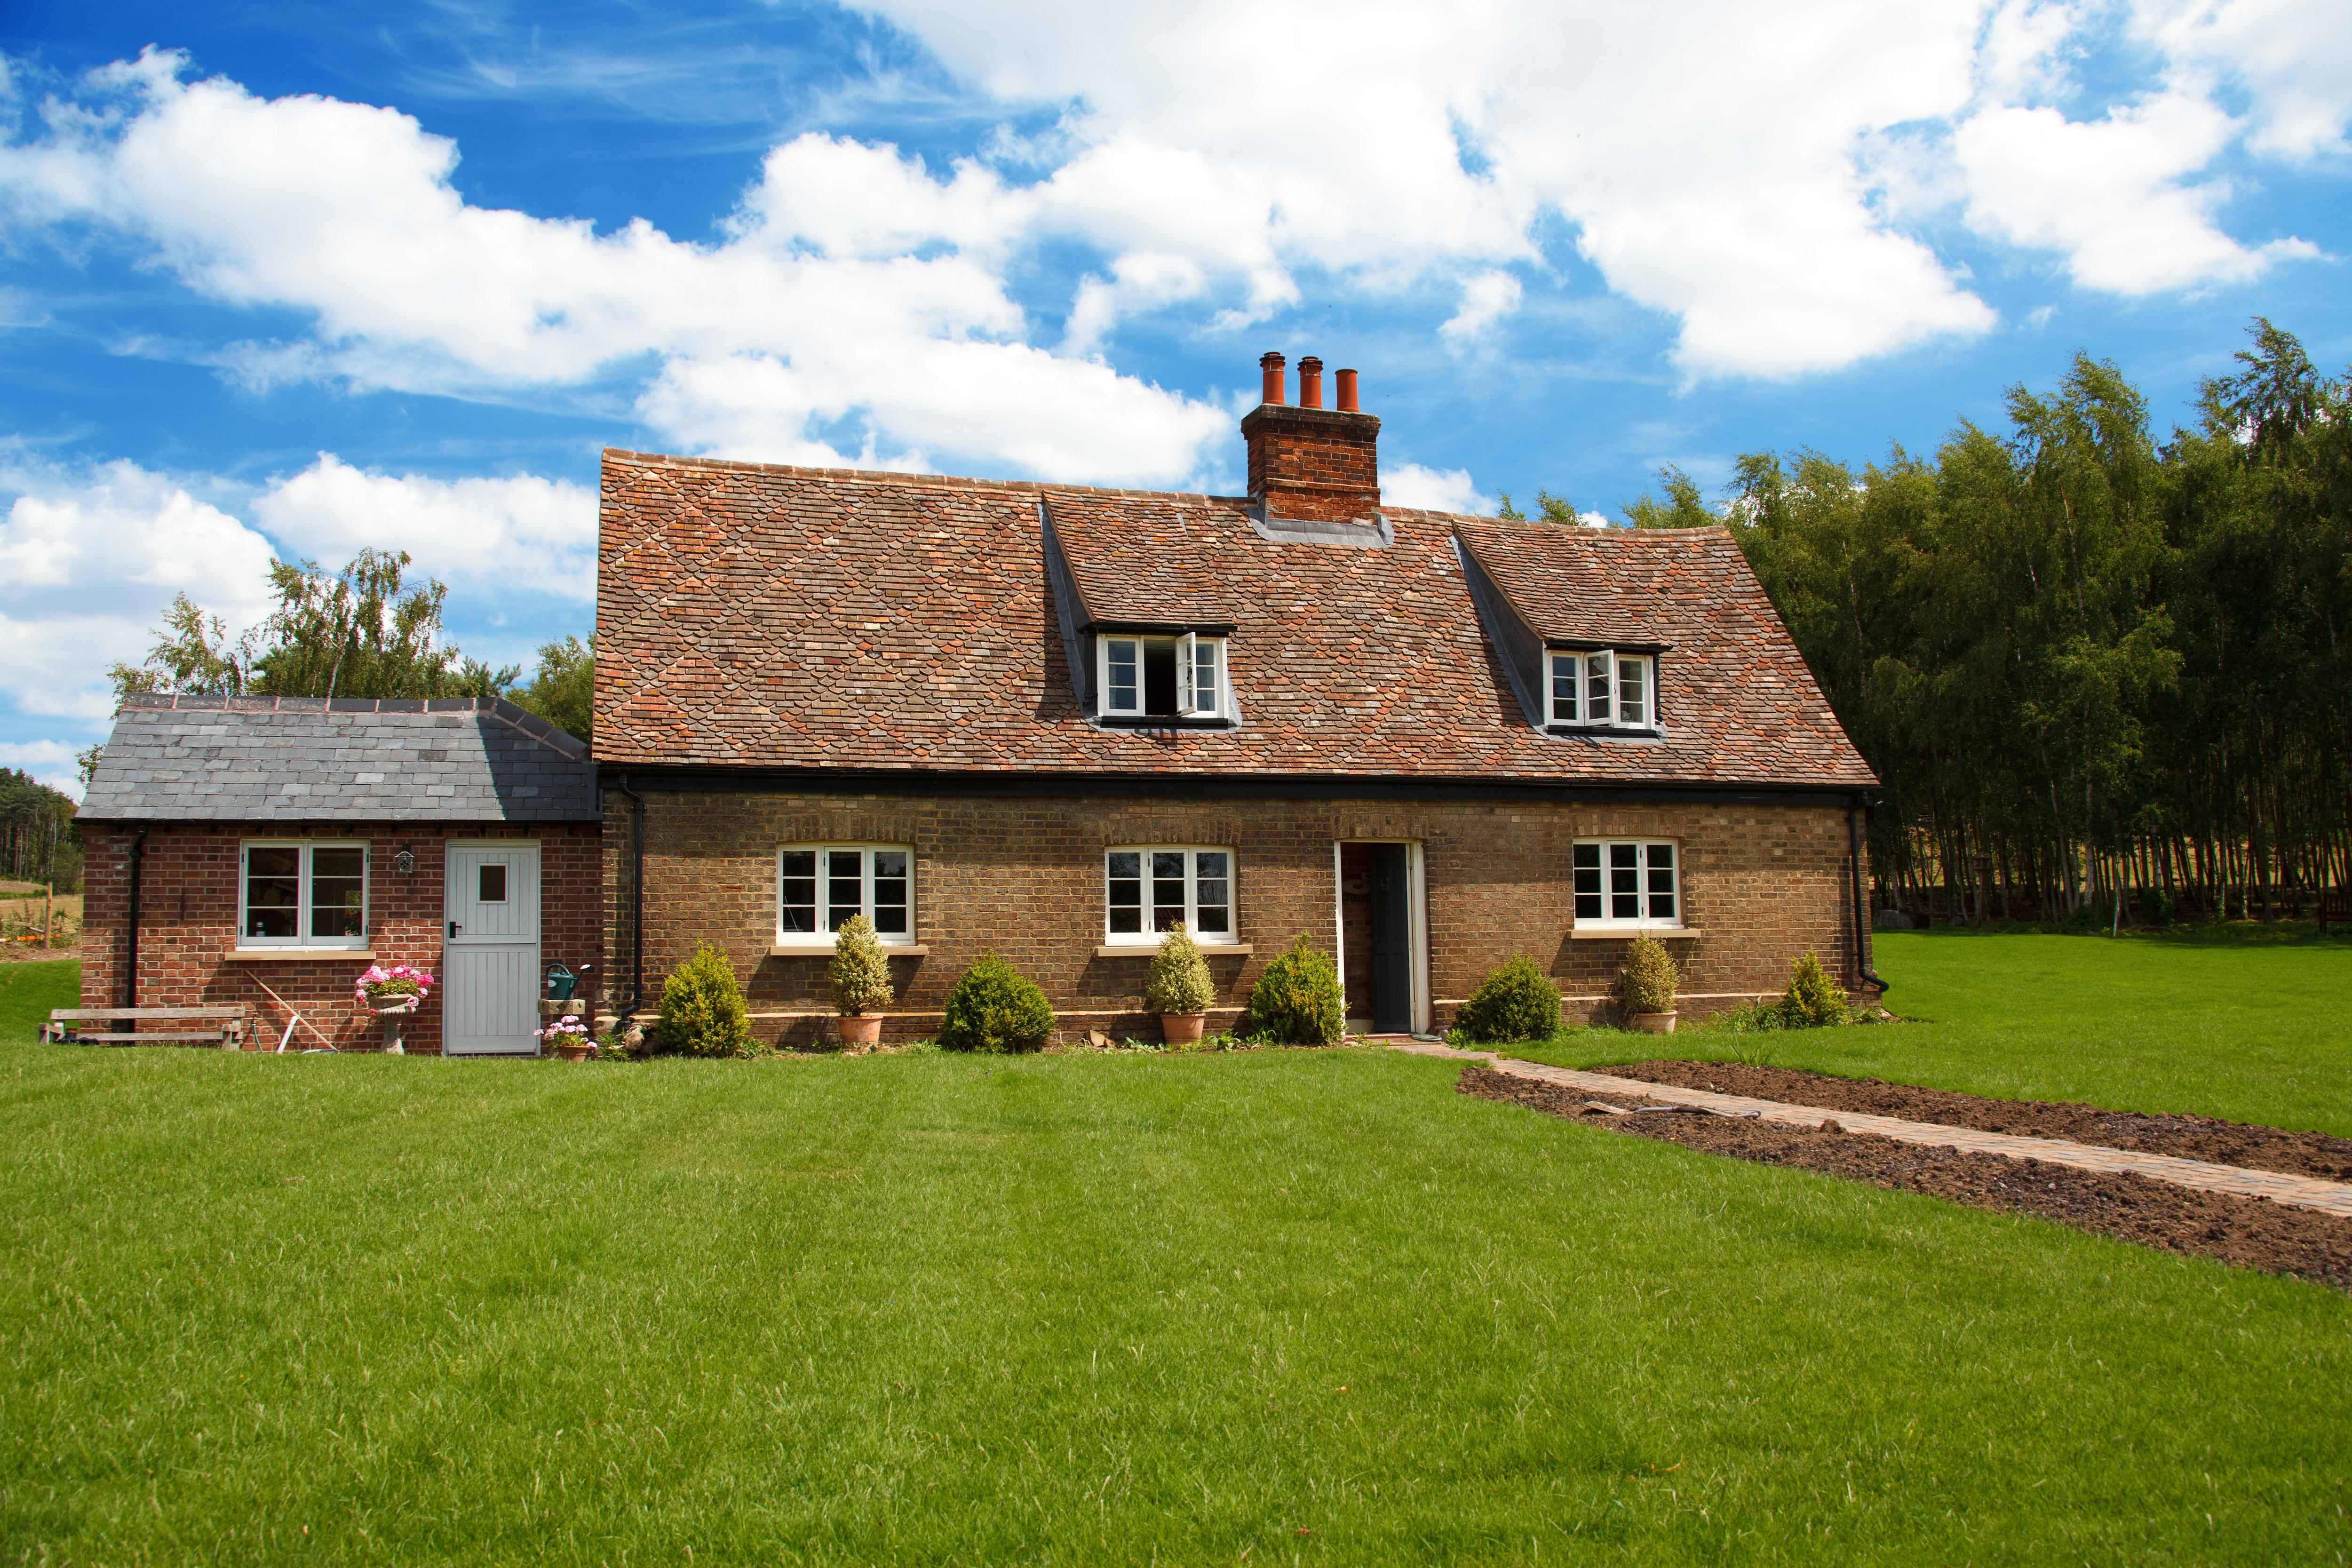 картинки новых домов в деревне